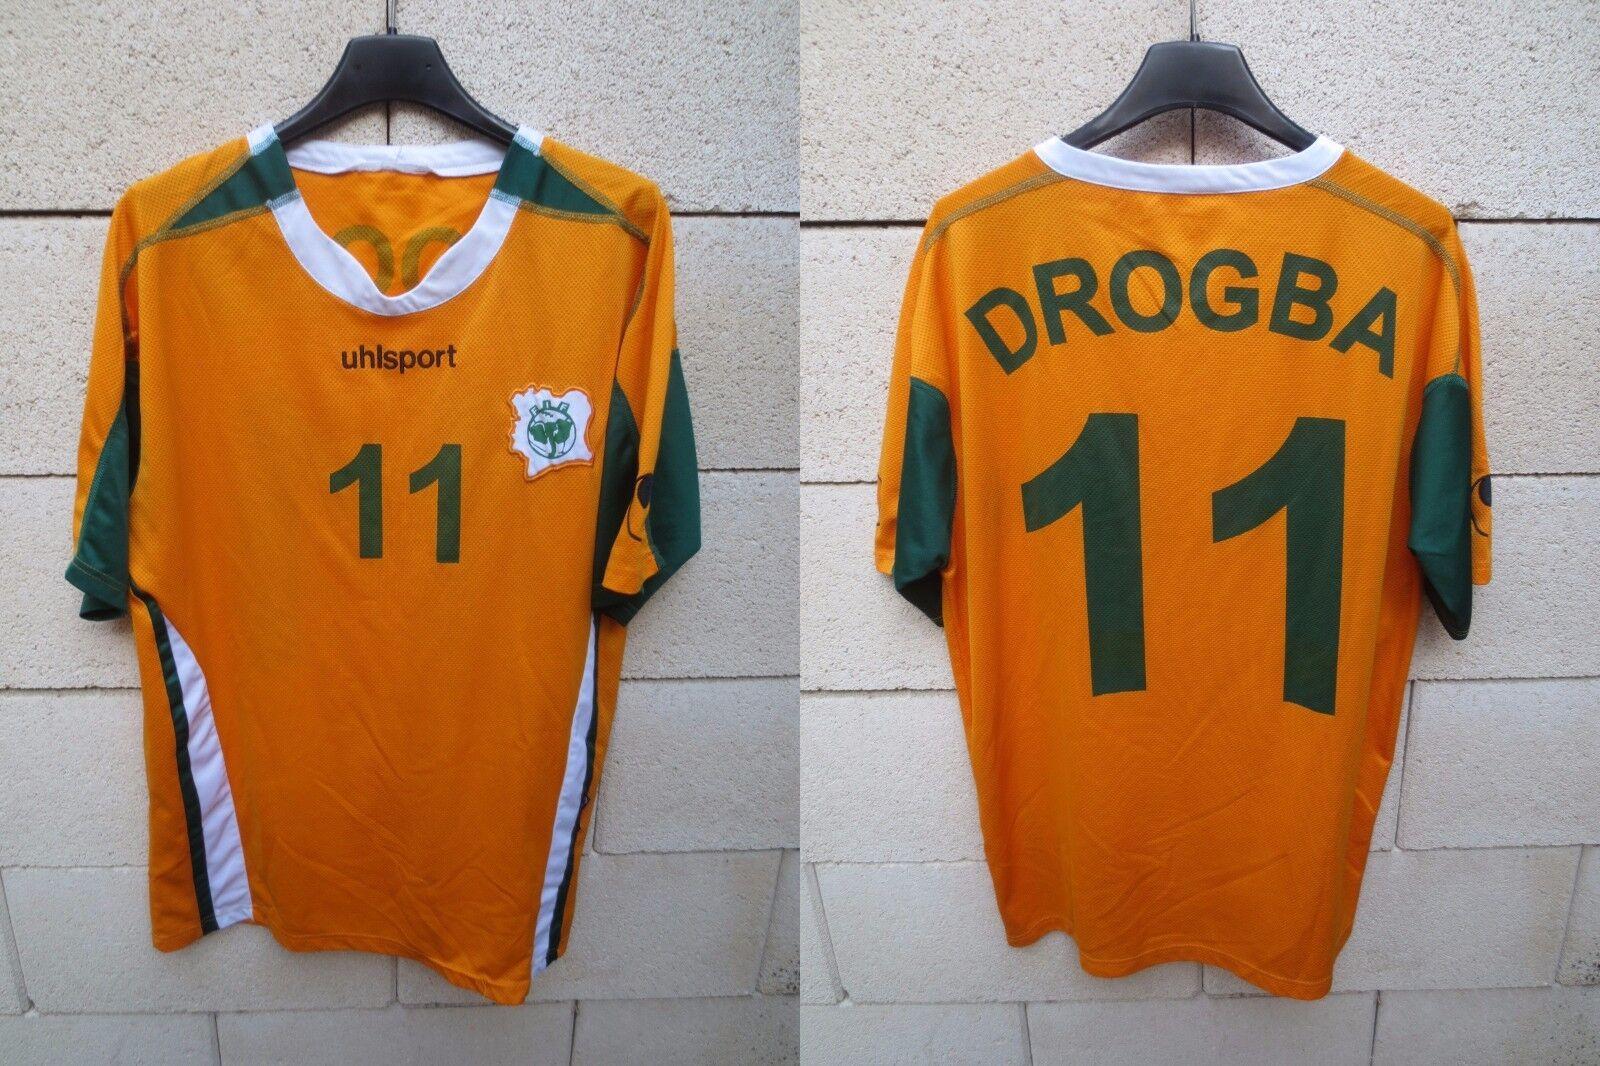 Maillot COTE D'IVOIRE vintage Didier DROGBA n°11 UHLSPORT shirt trikot M